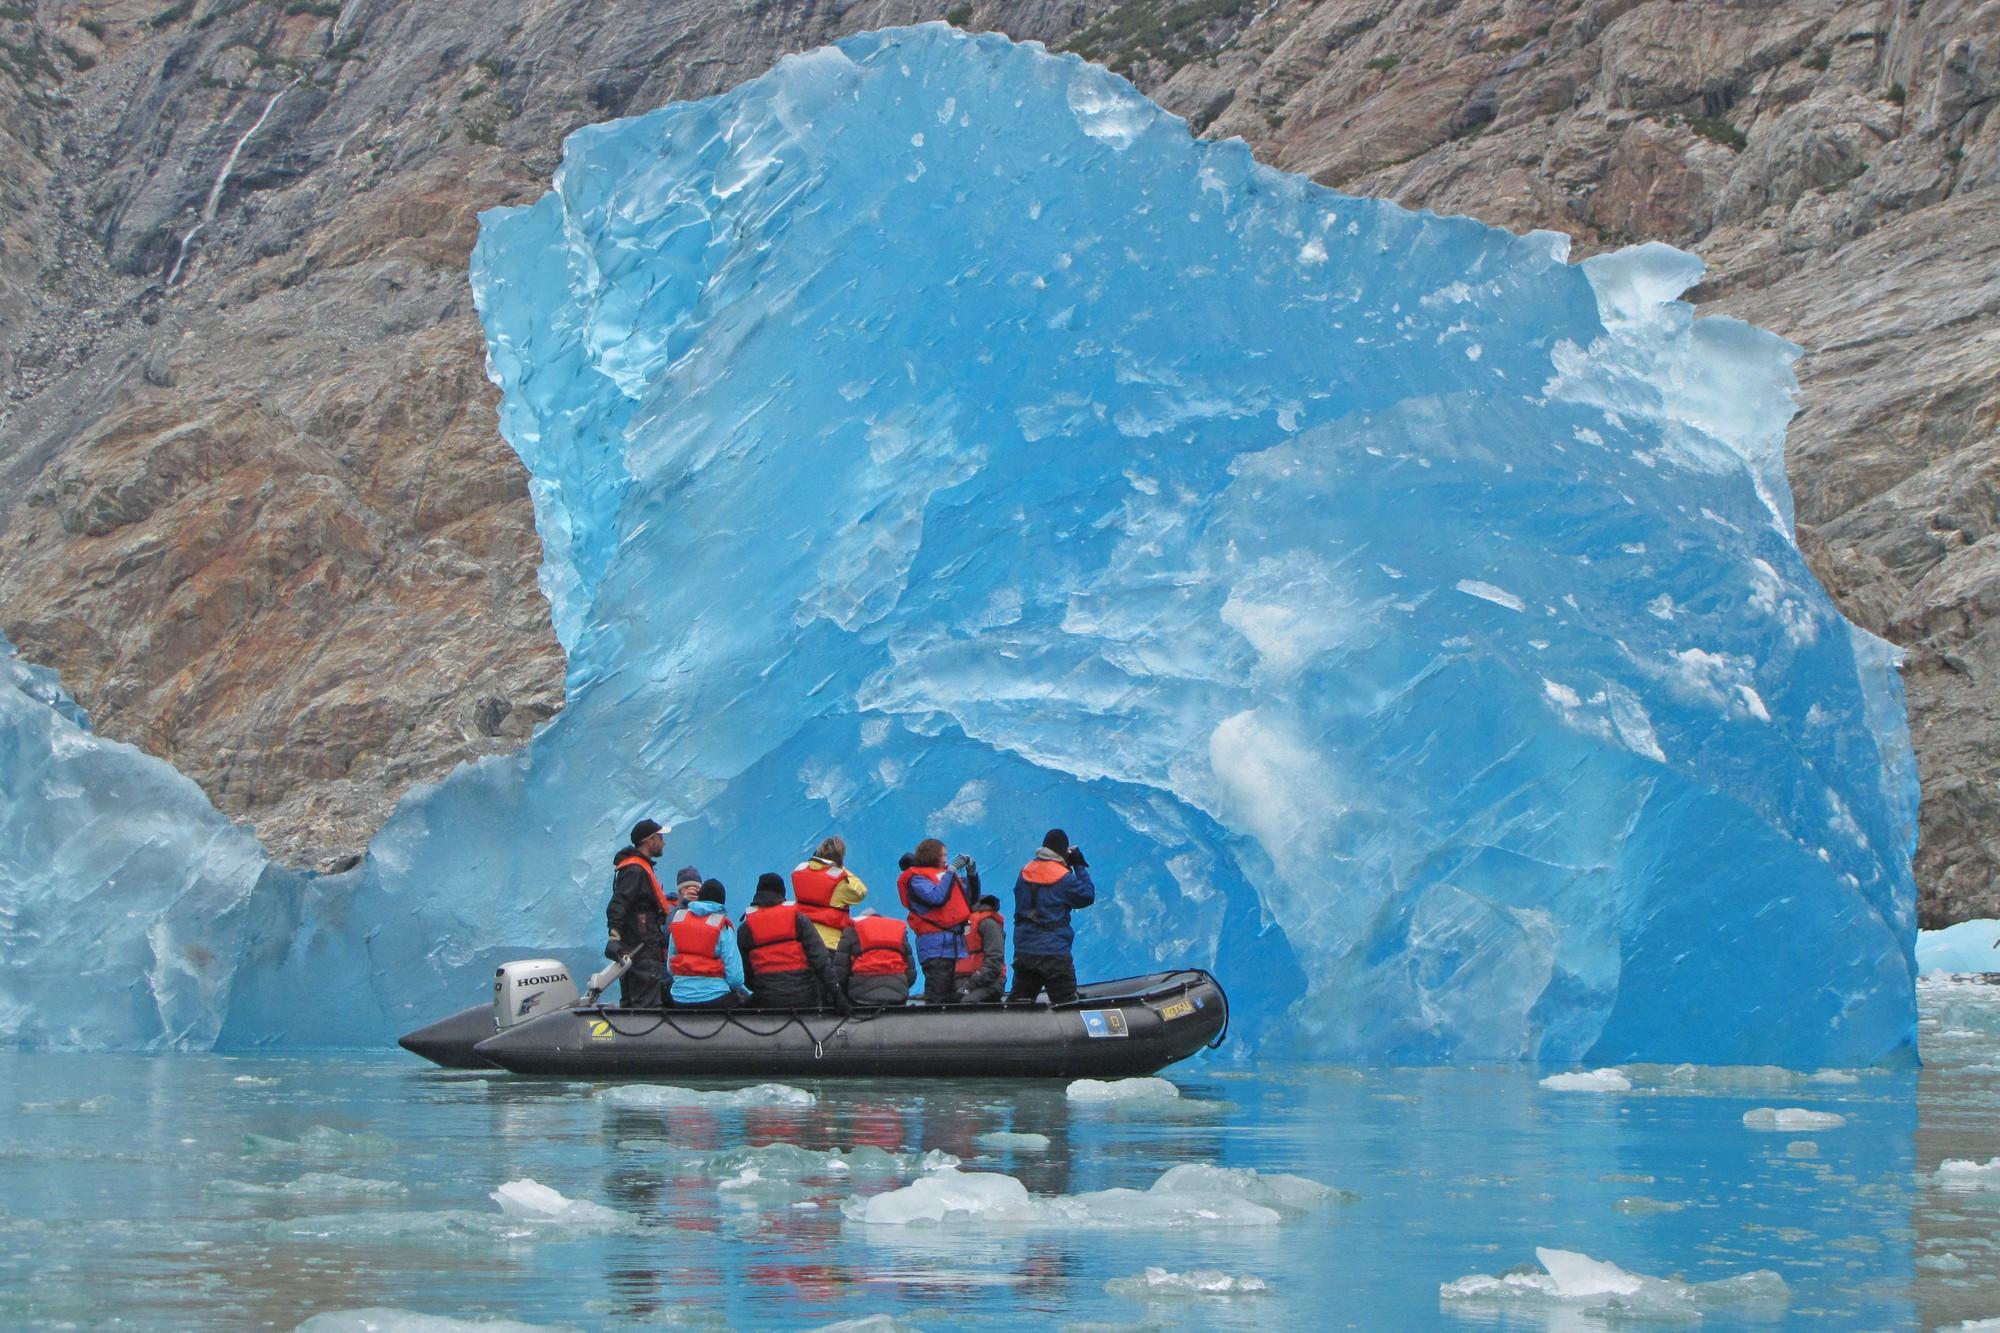 Cực độc tảng băng ngọc lục bảo tuyệt mỹ ở Nam Cực: Phải may mắn lắm mới có thể bắt gặp khoảnh khắc này! - Ảnh 10.